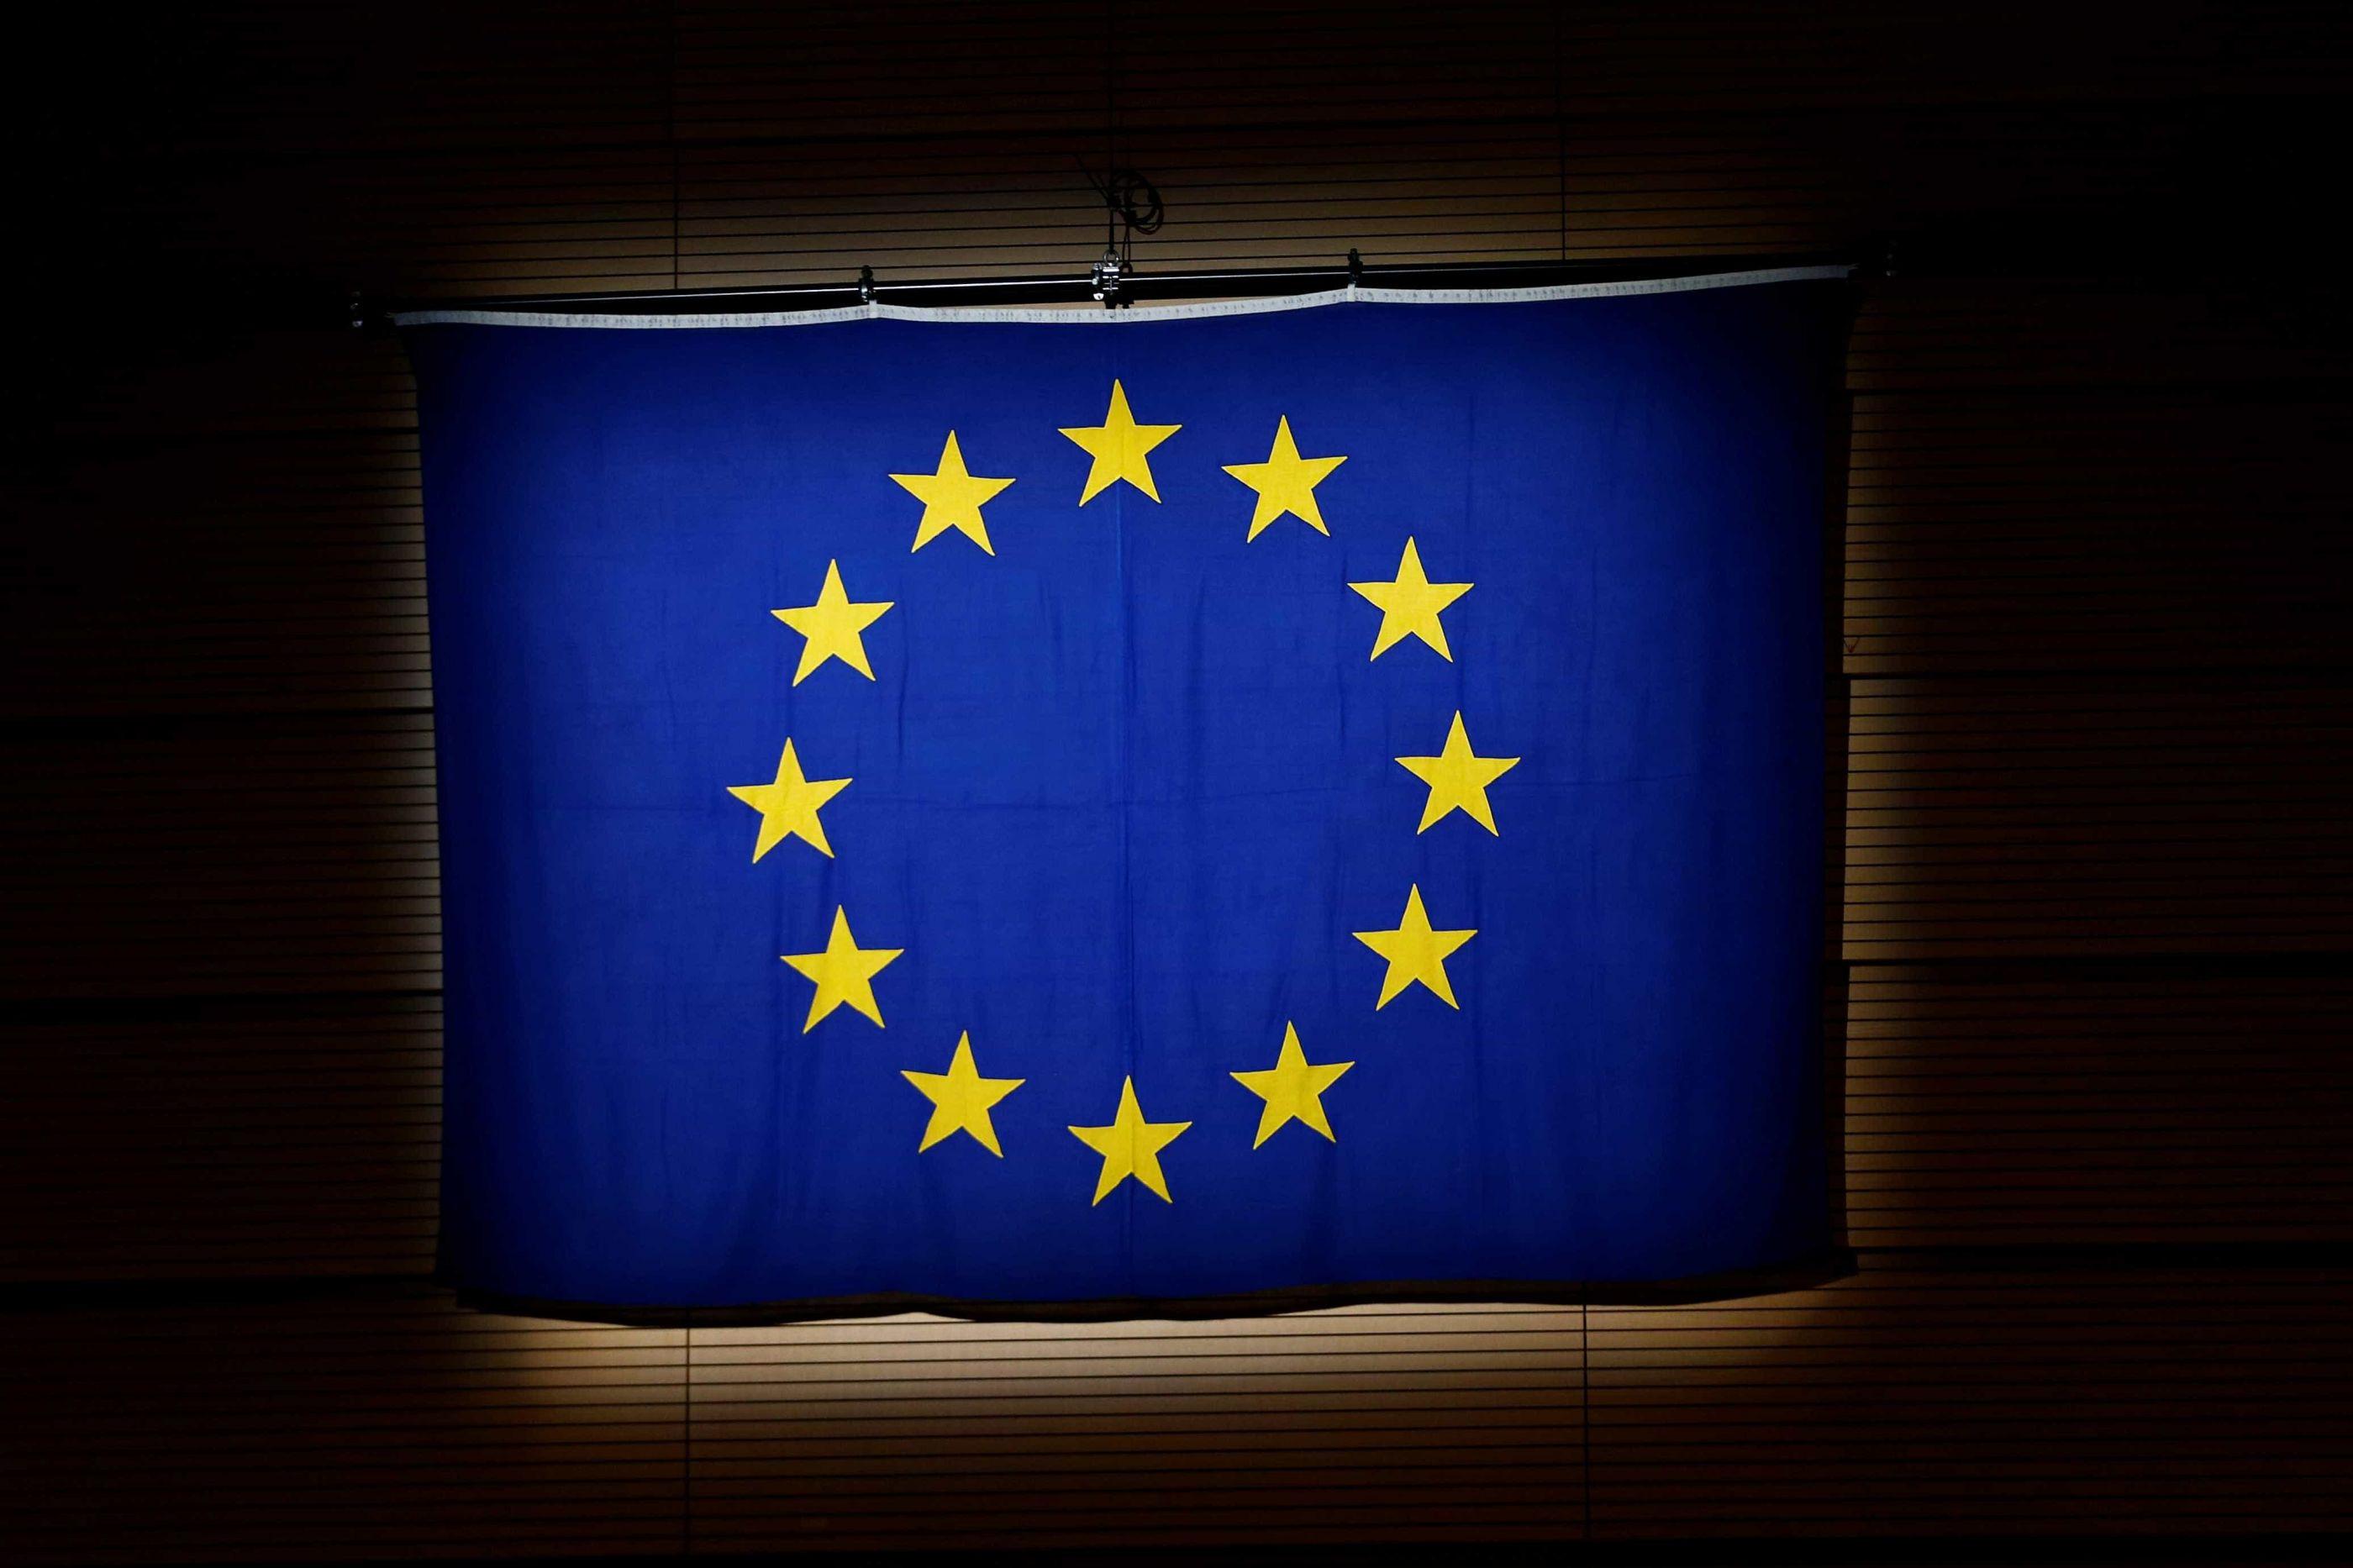 Cinco países europeus rejeitam decisão norte-americana sobre Montes Golã